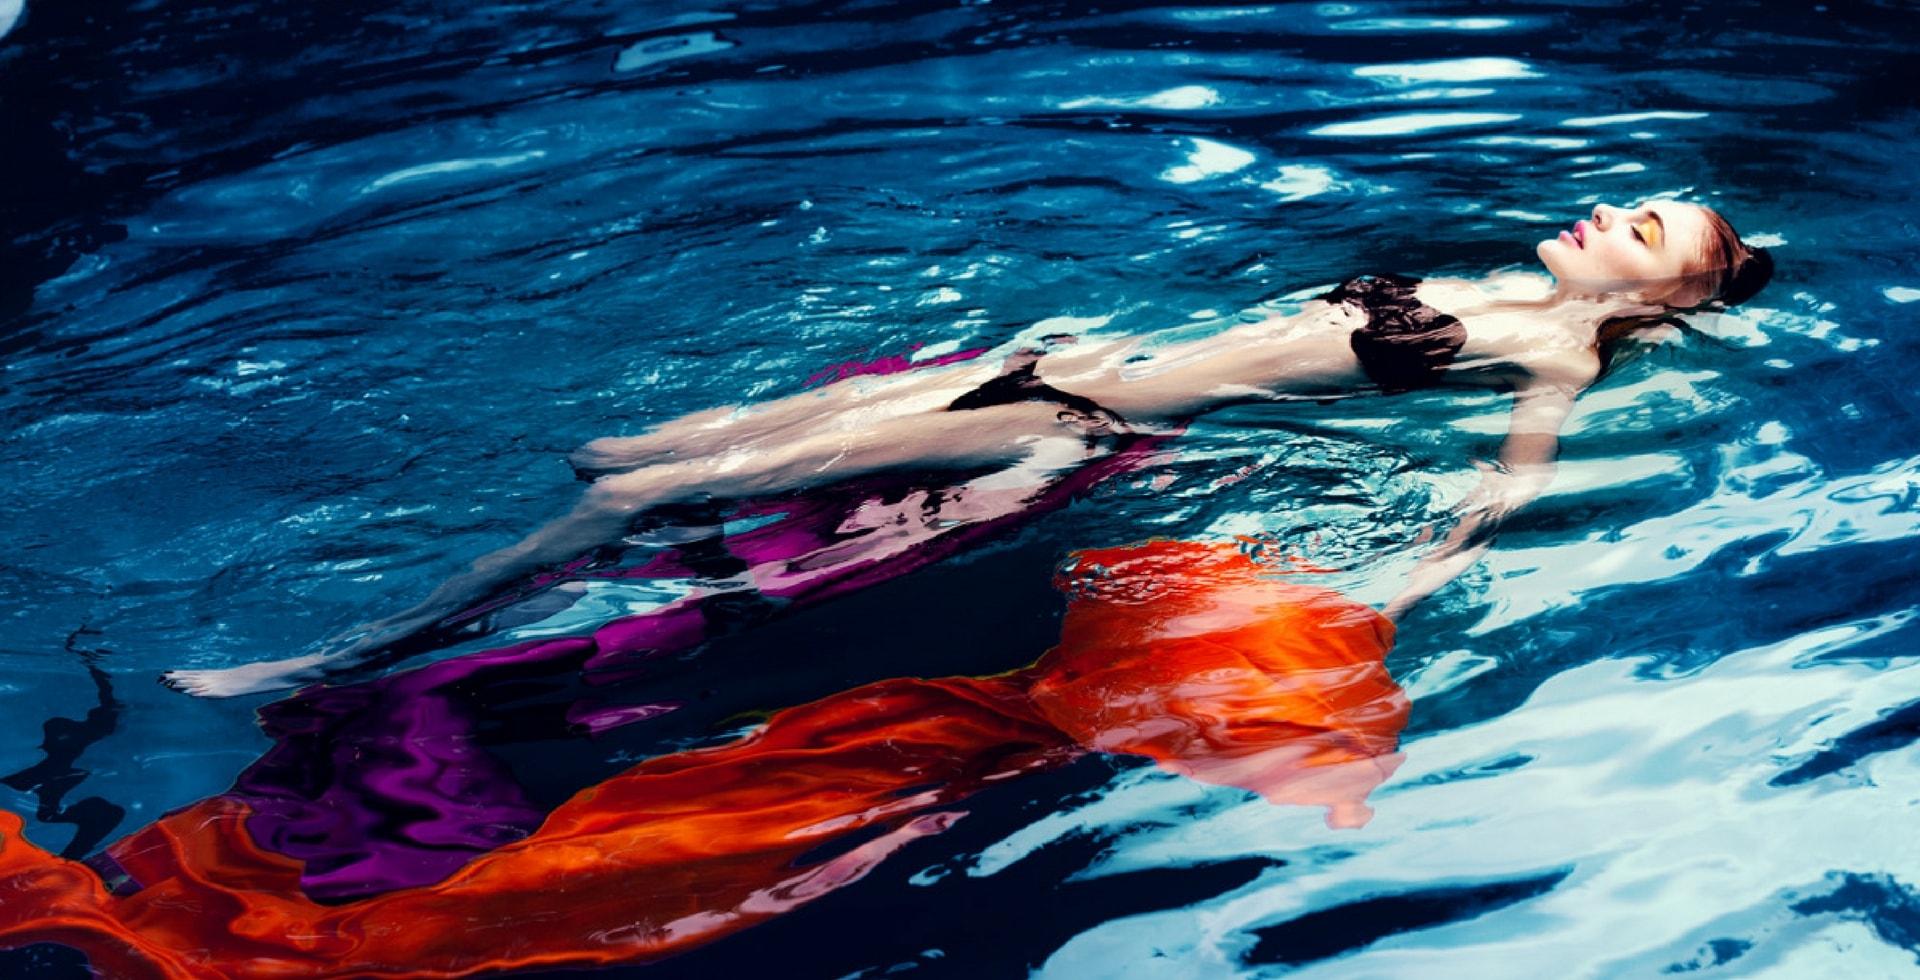 model in pool make up